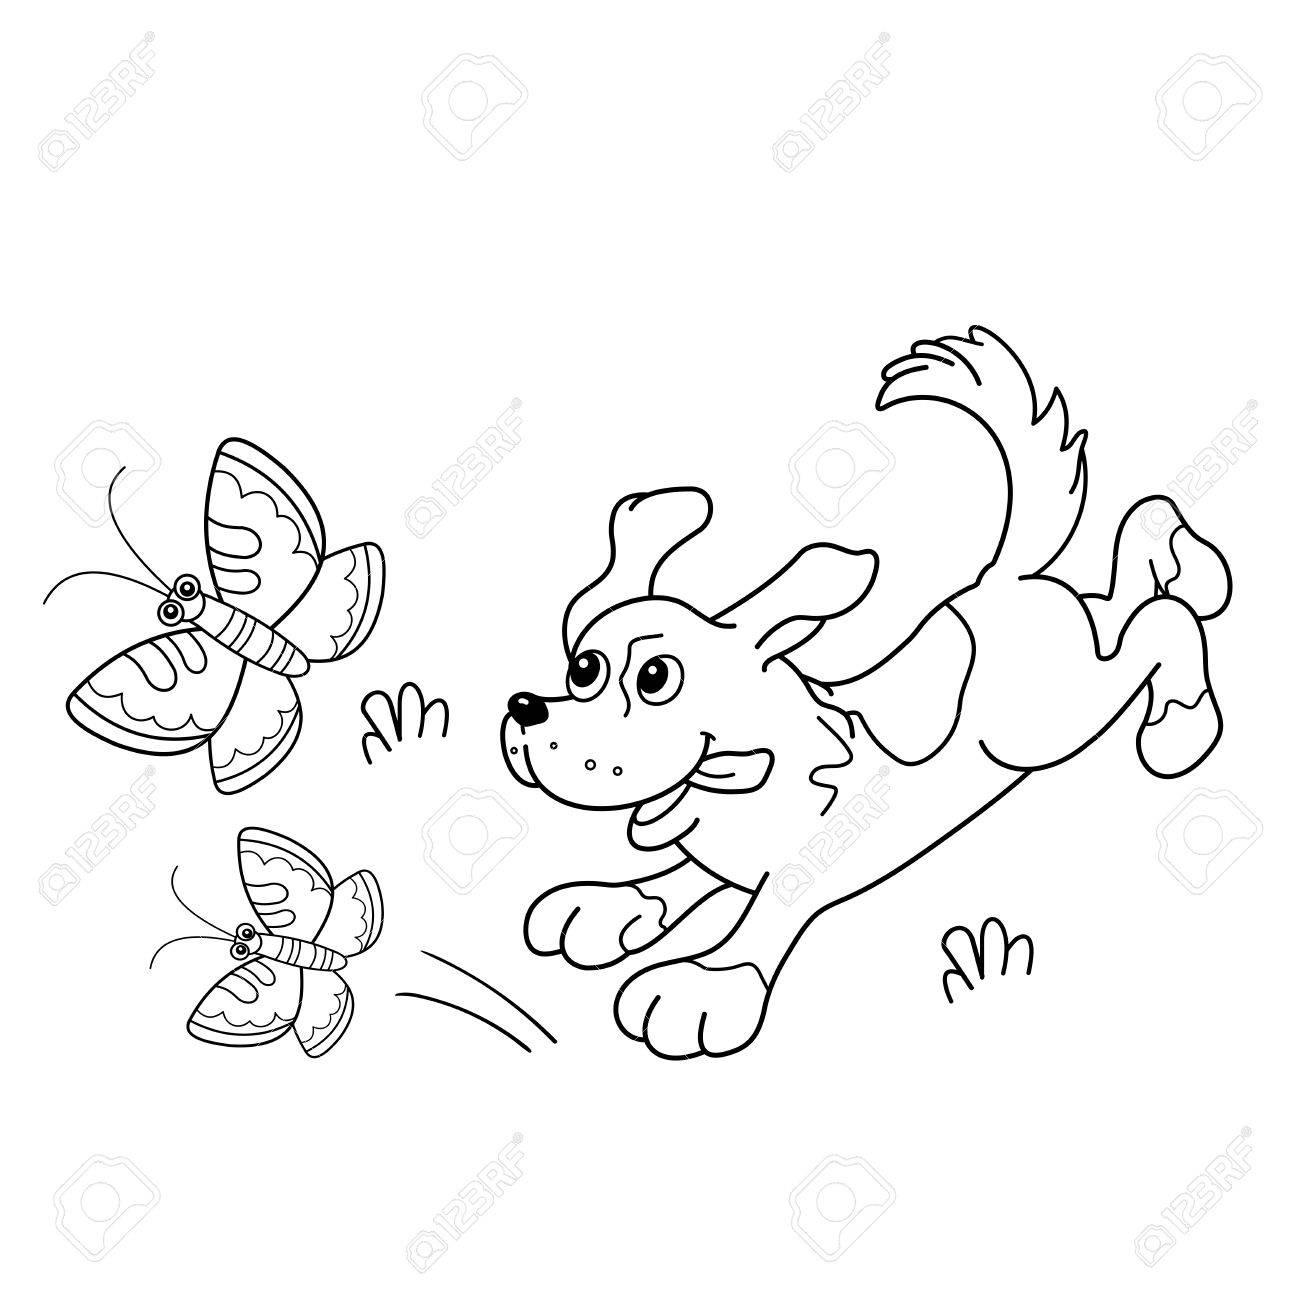 Página Para Colorear Esquema De Perro De Dibujos Animados Con Las